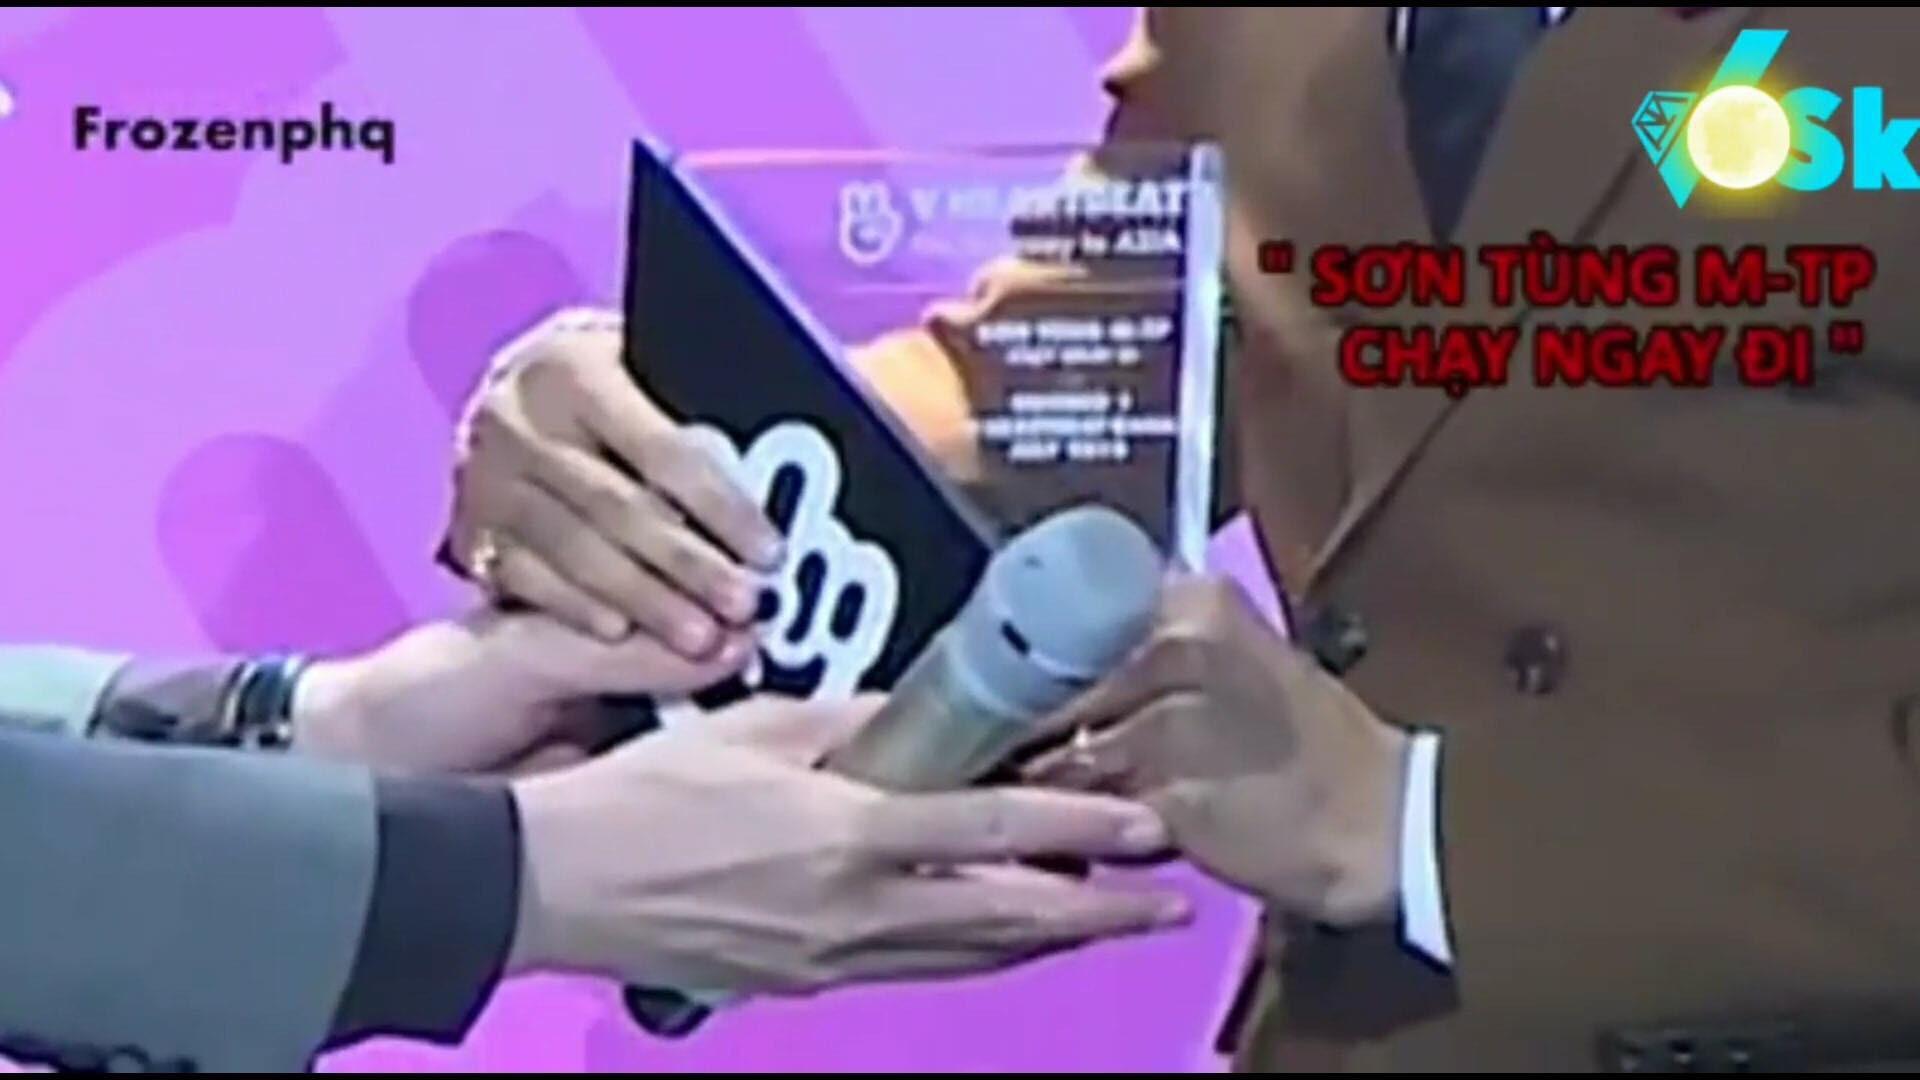 Nghịch cảnh: Từng mỉa mai Sơn Tùng M-TP, nay Đạt G lại được trao nhầm cúp ghi tên Chạy ngay đi trên sân khấu - Ảnh 4.